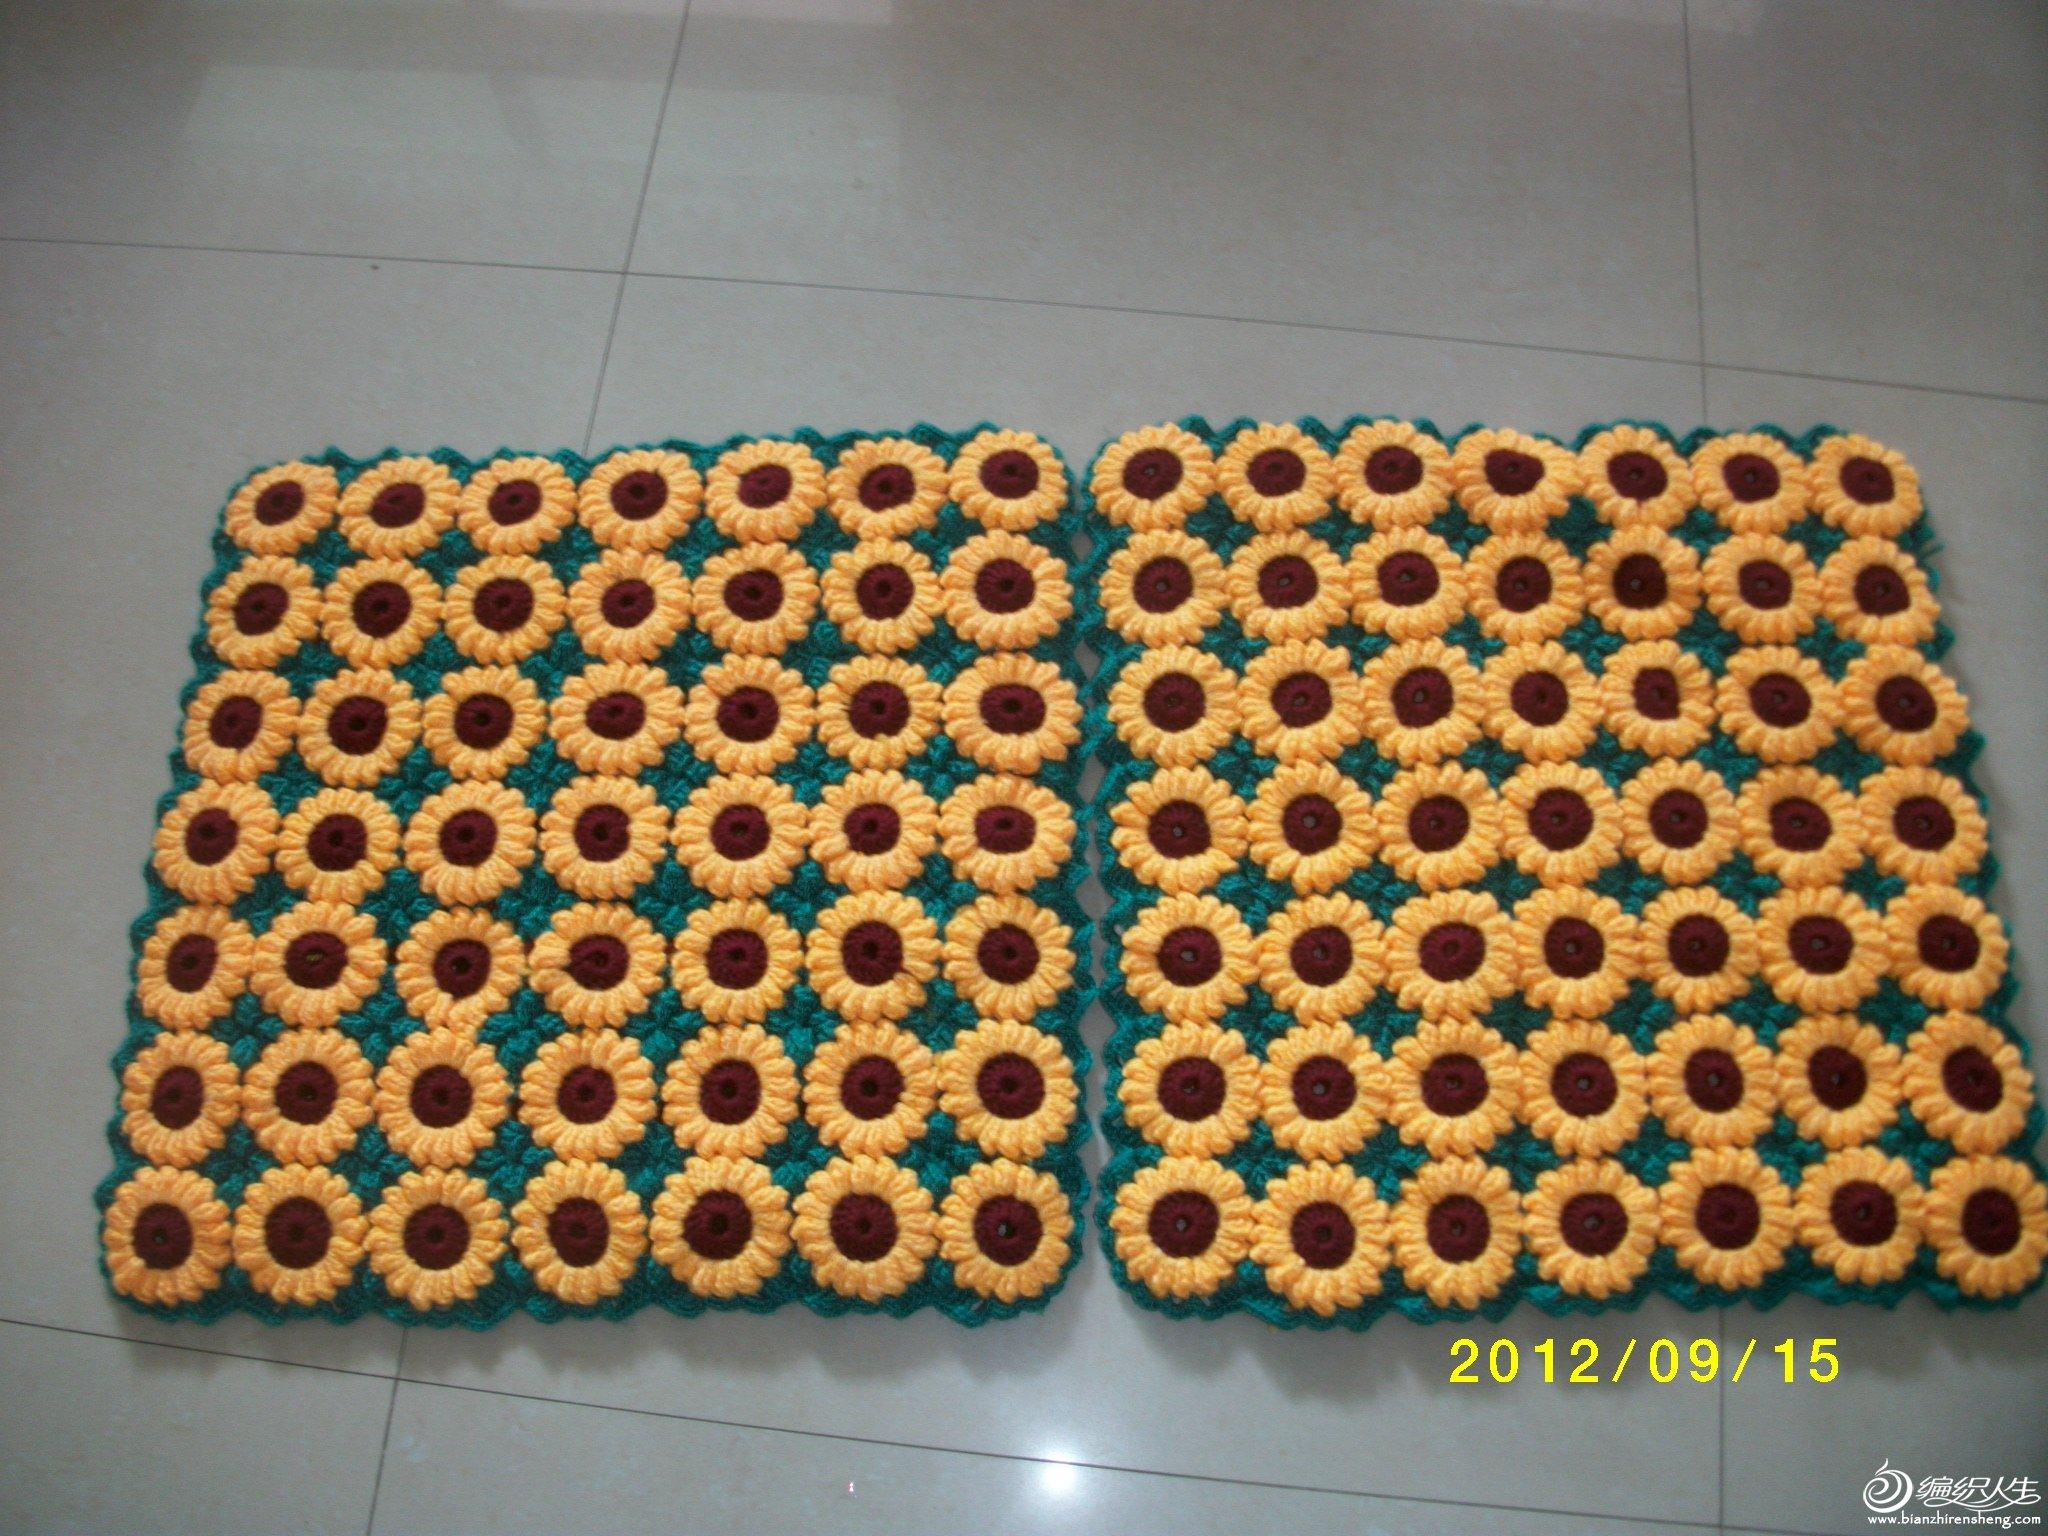 SANY2658.JPG